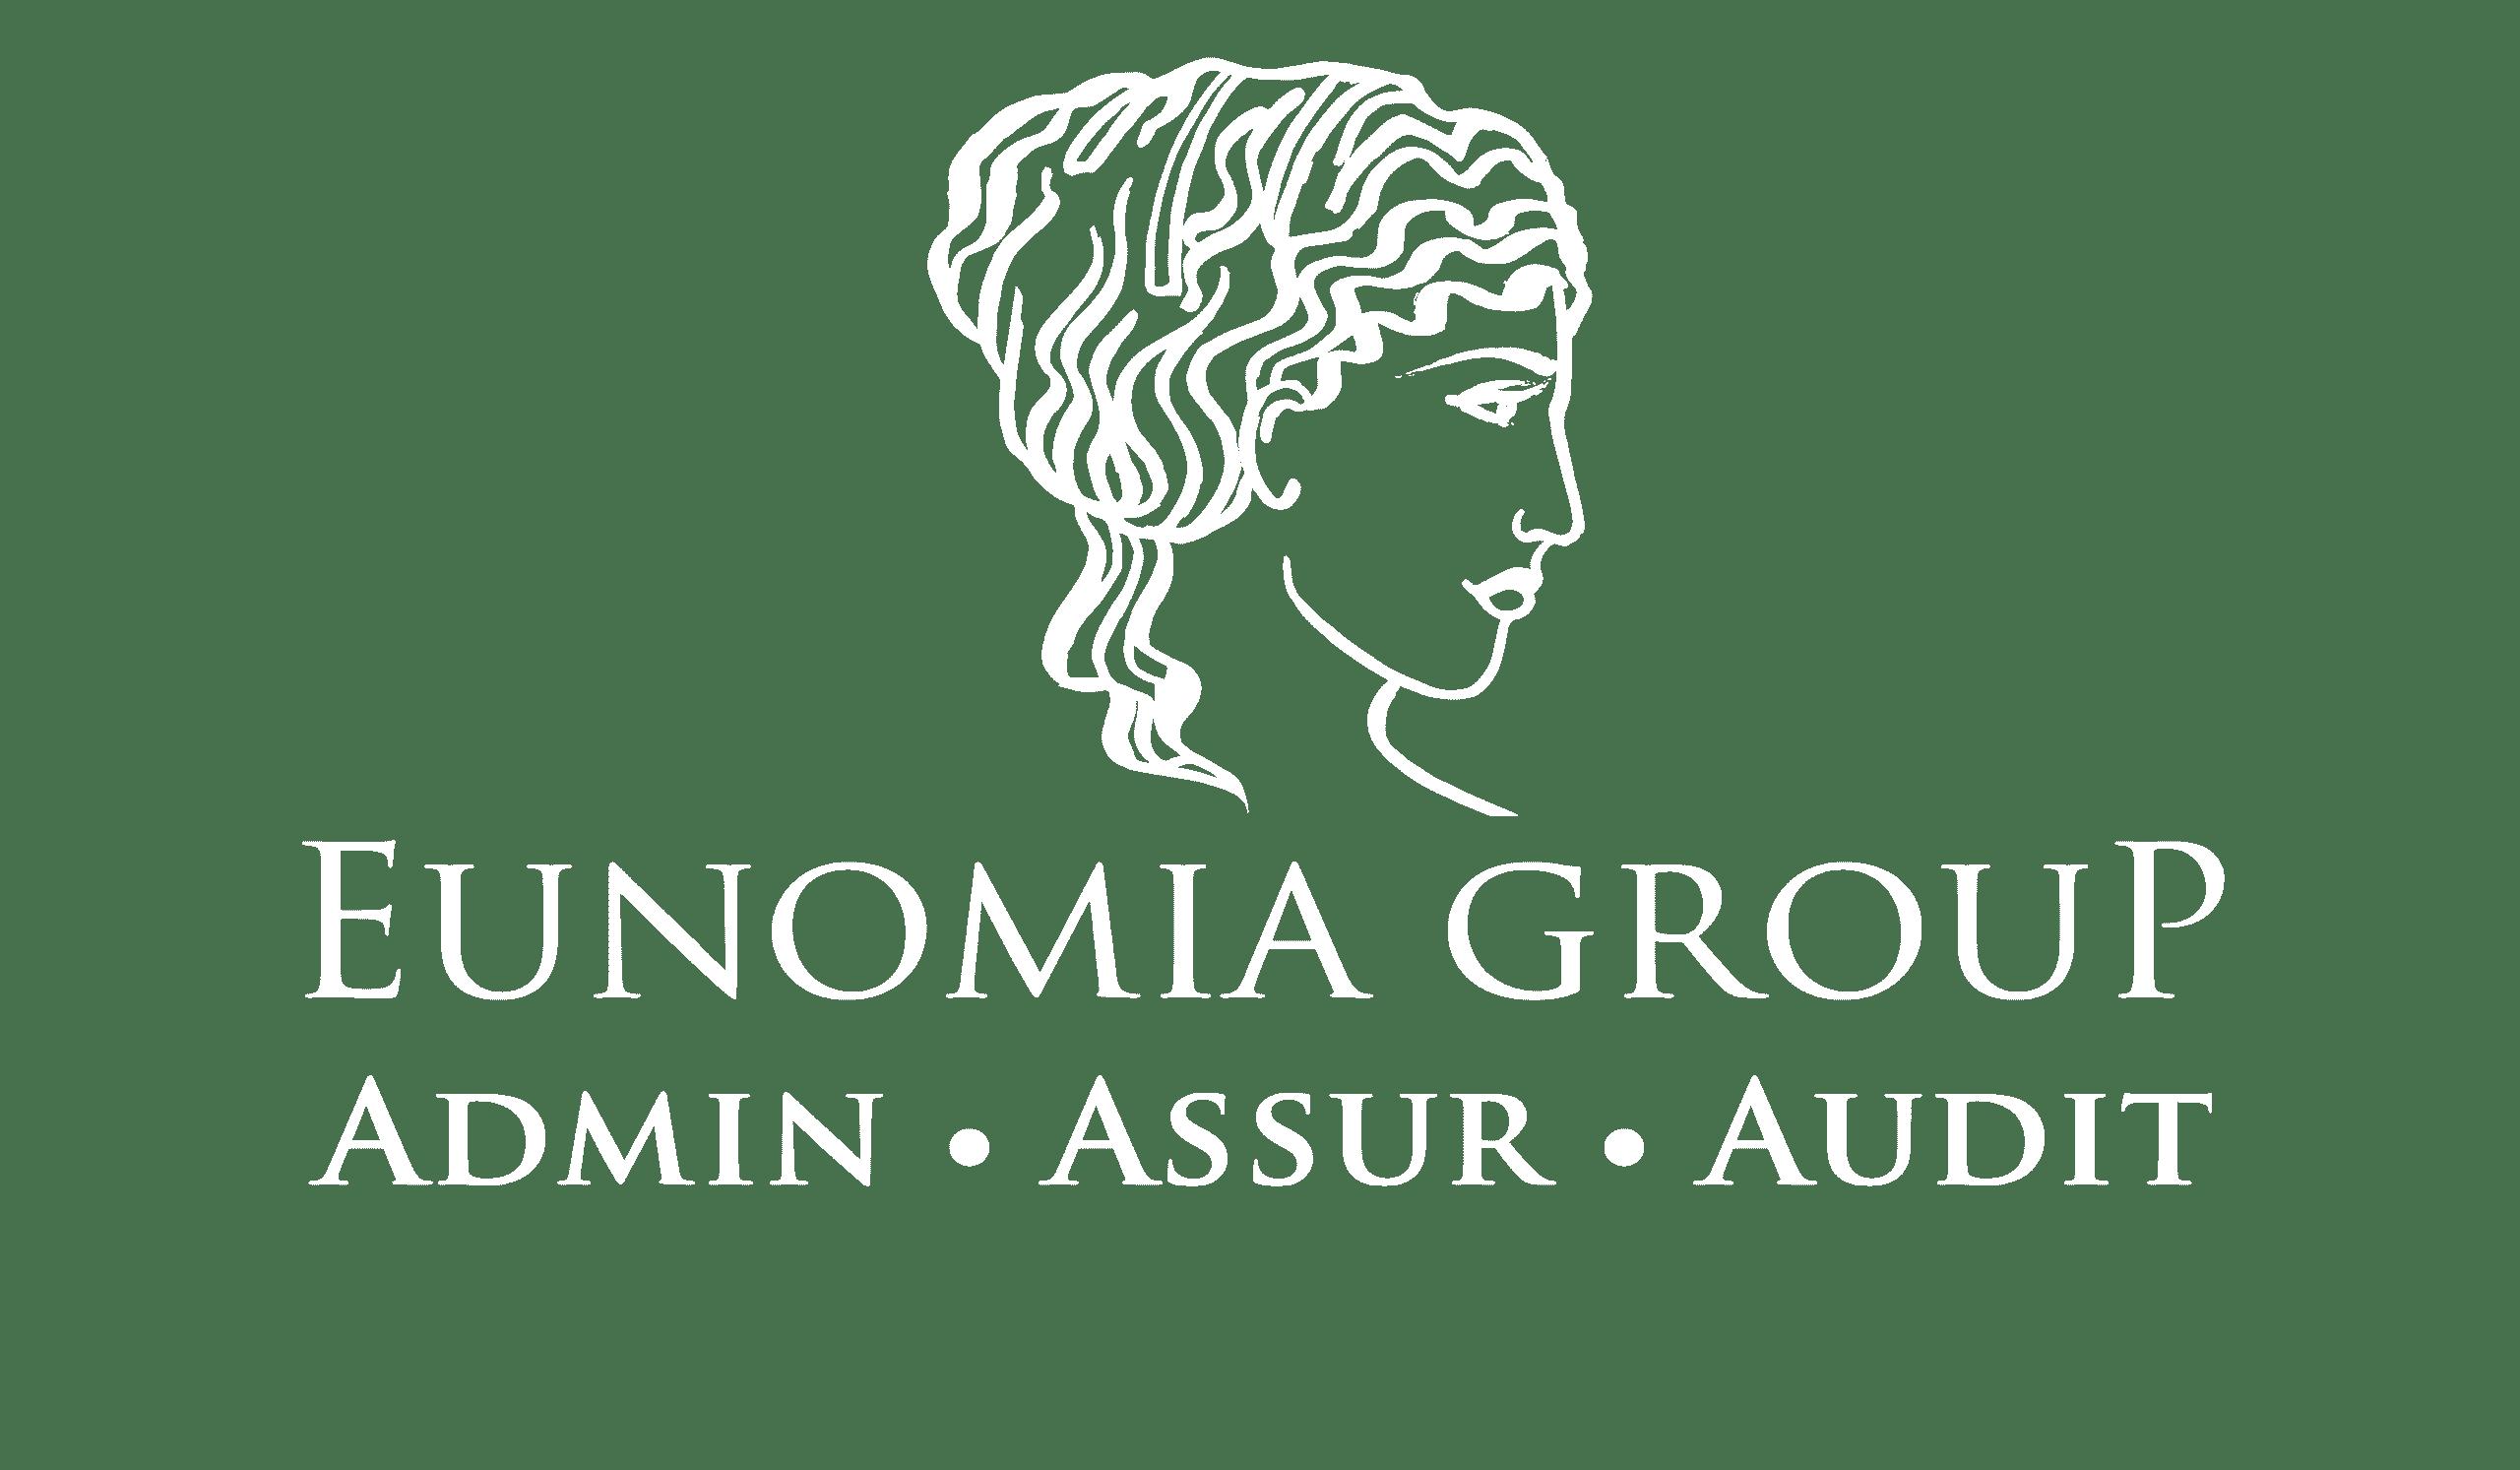 EUNOMIA GROUP